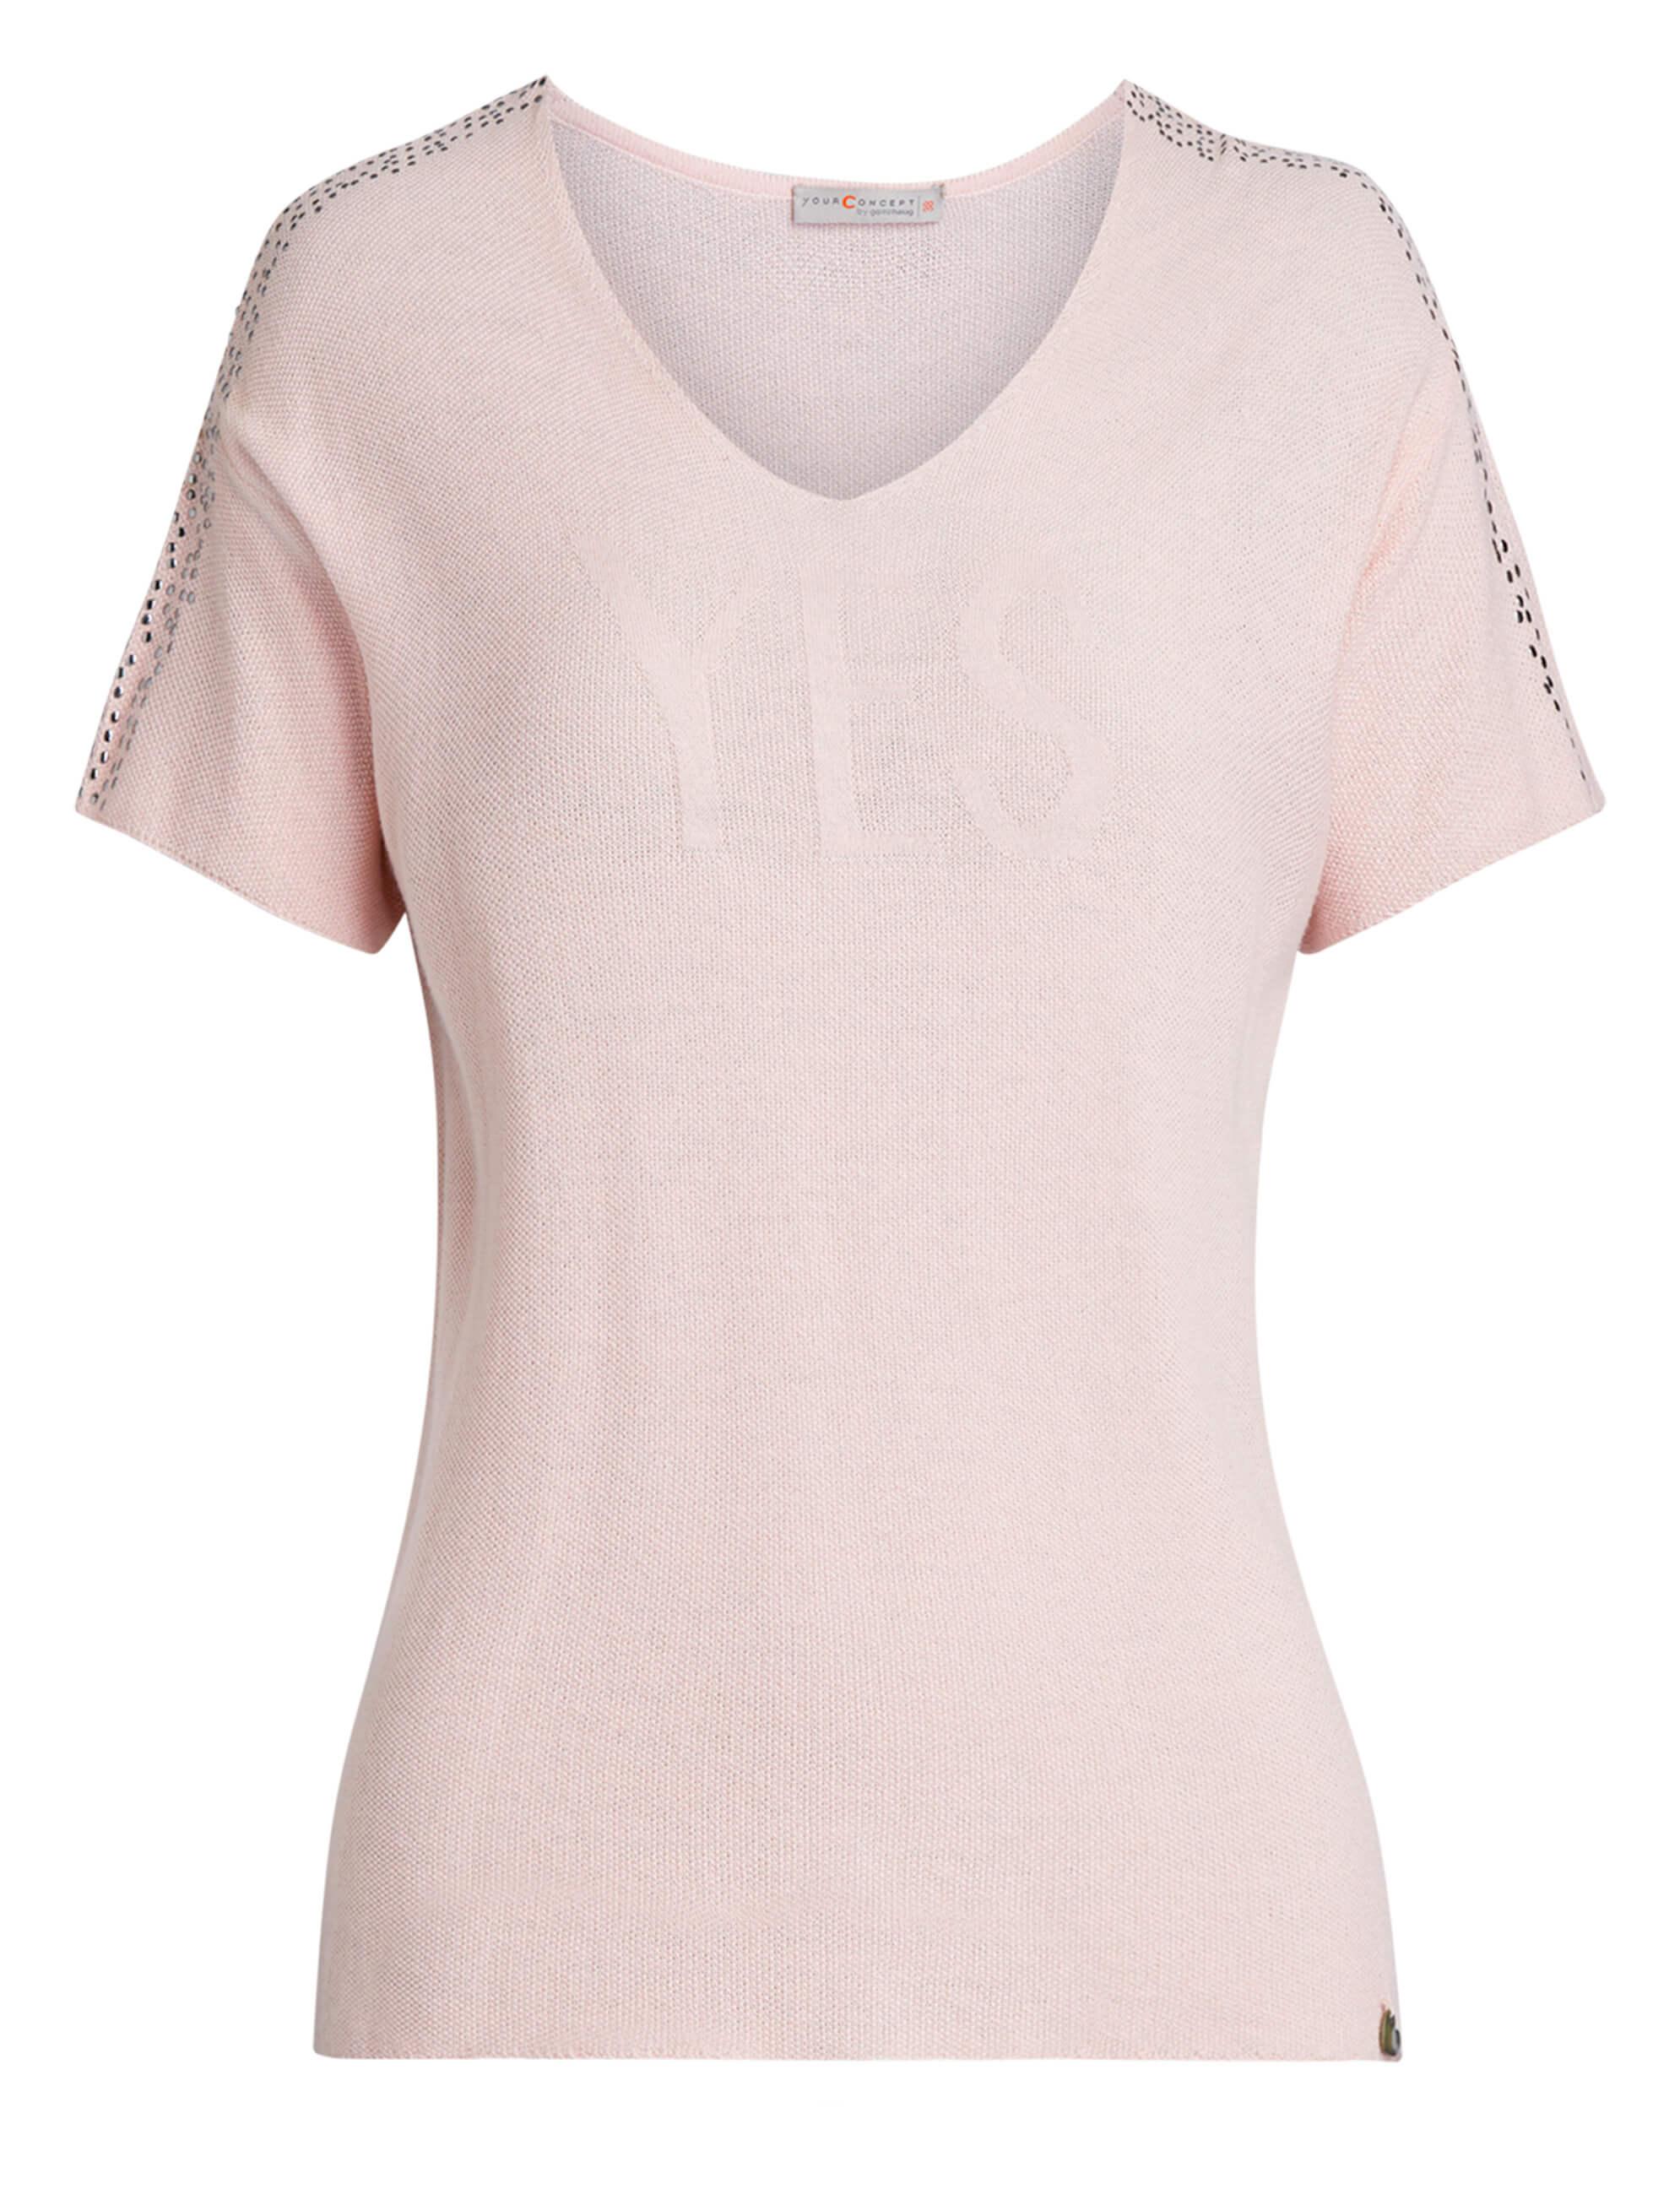 071018daac7ed5 Vorschau: roséfarbener Damen-Pullover von yourConcept mit Halbarm und V- Ausschnitt ...